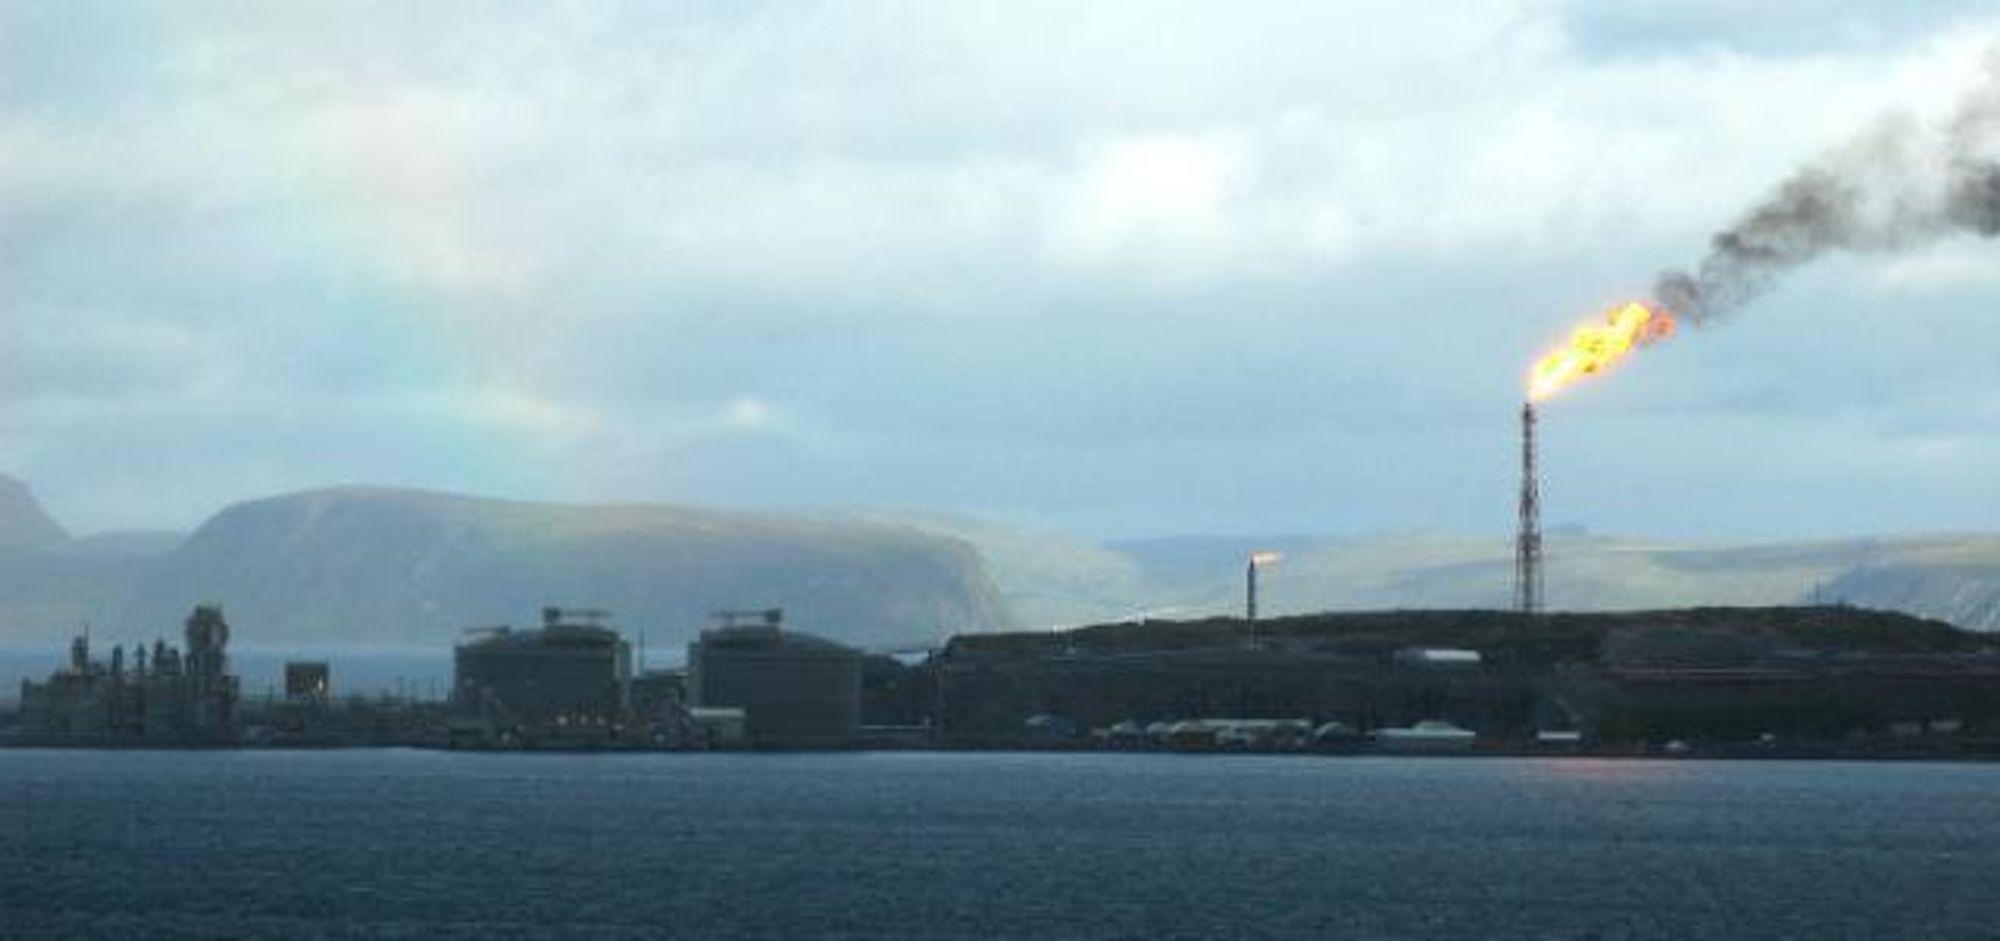 Snøhvitgassen har nådd Melkøya